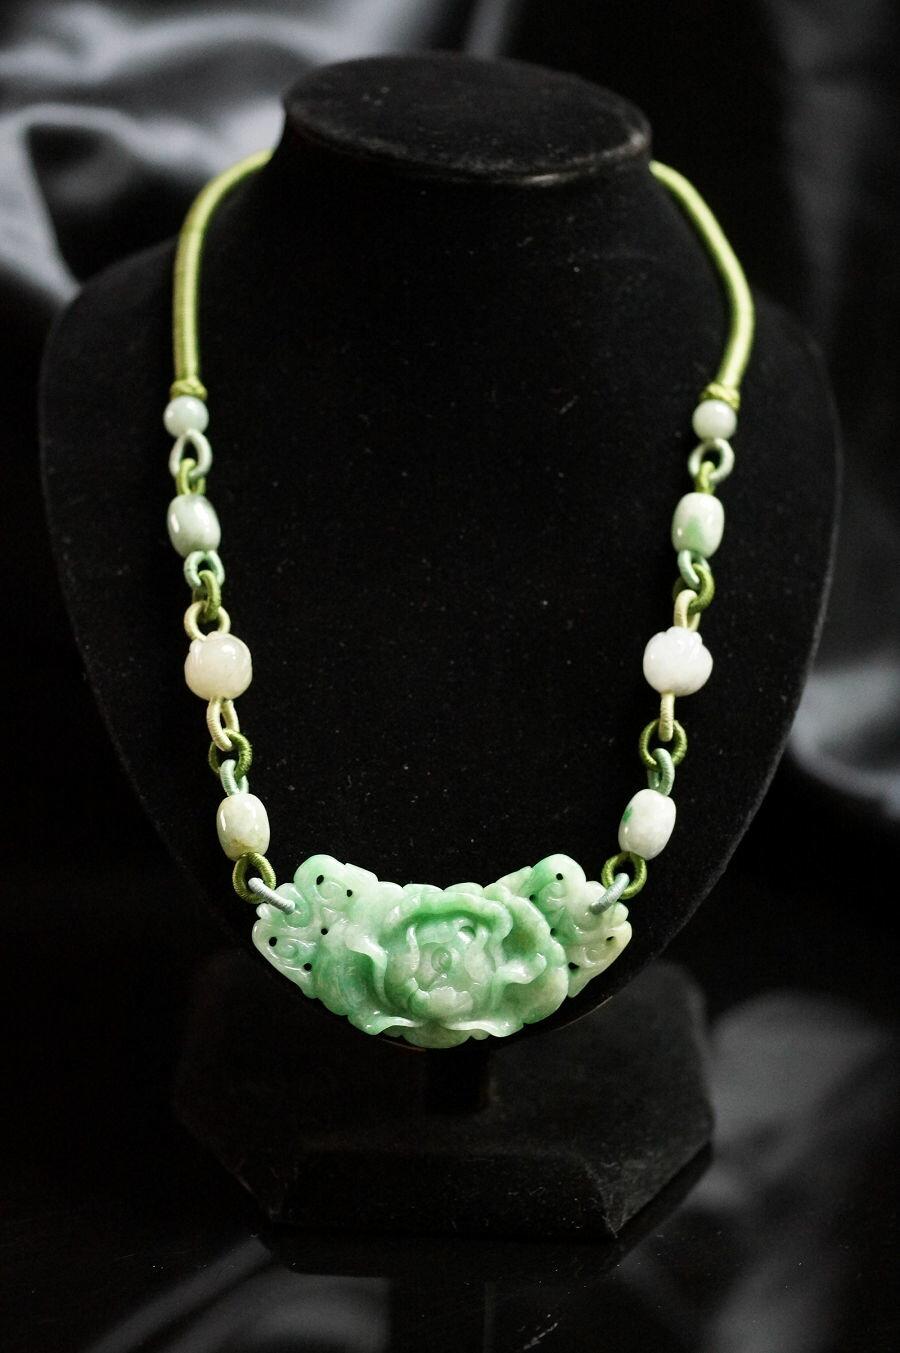 【喨喨飾品】翡翠玉 雕牡丹花 代表圓滿、富貴、吉祥 / 中國風項鍊 M311